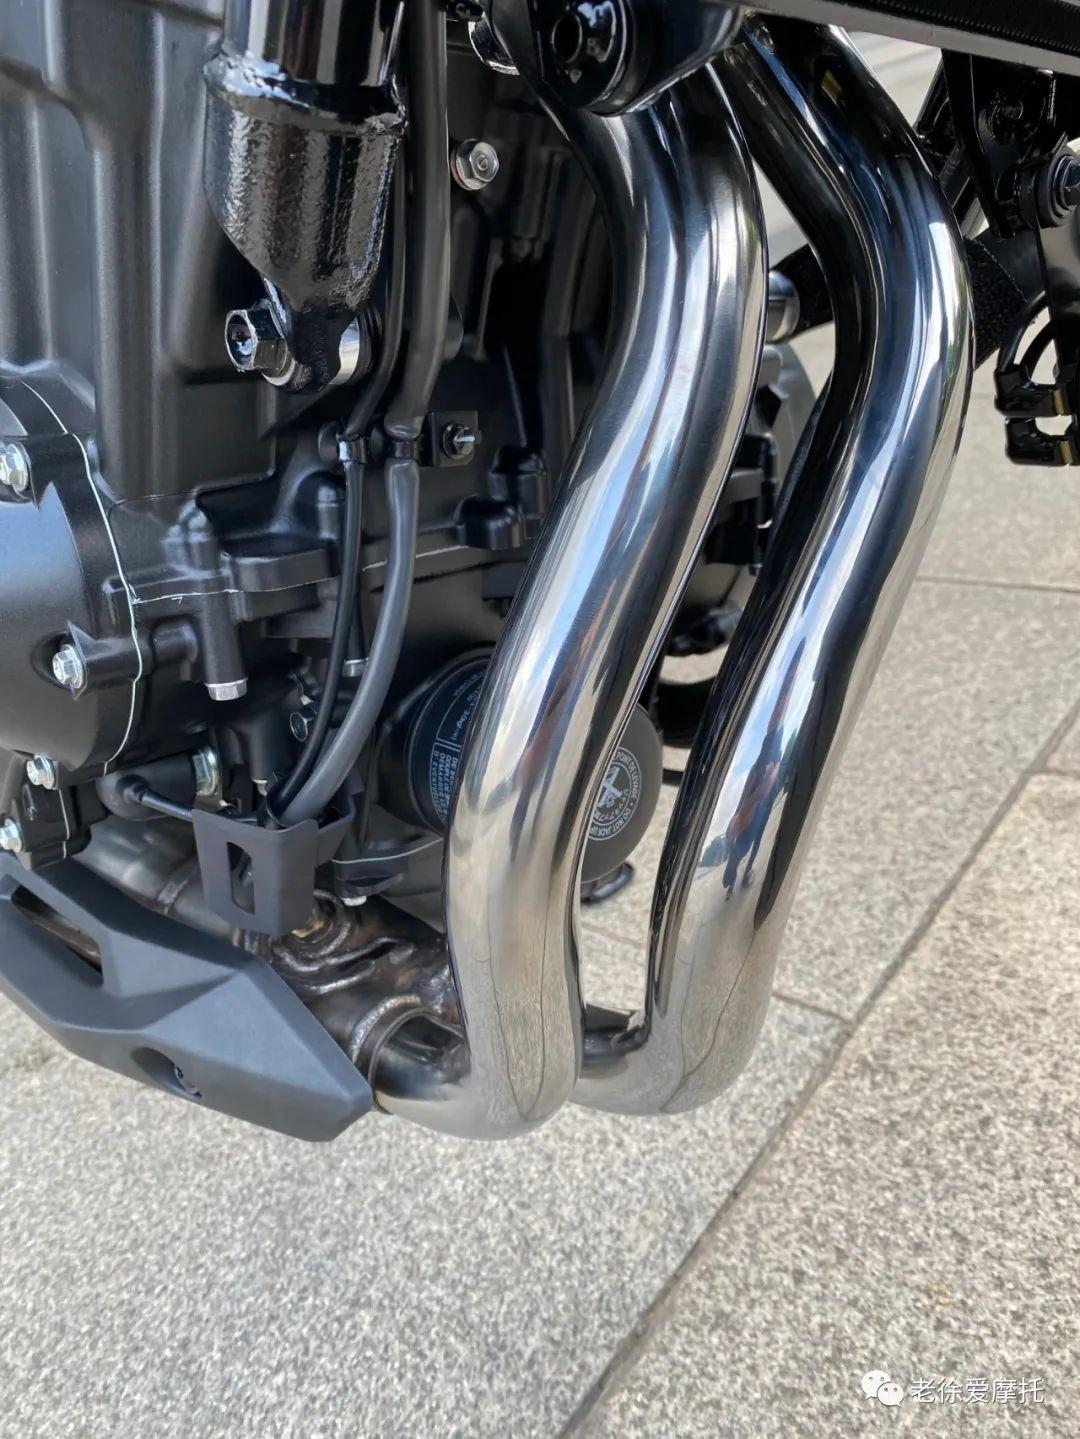 本田中排车型 - CB400F 入门级街车 实车介绍!-第28张图片-春风行摩托车之家